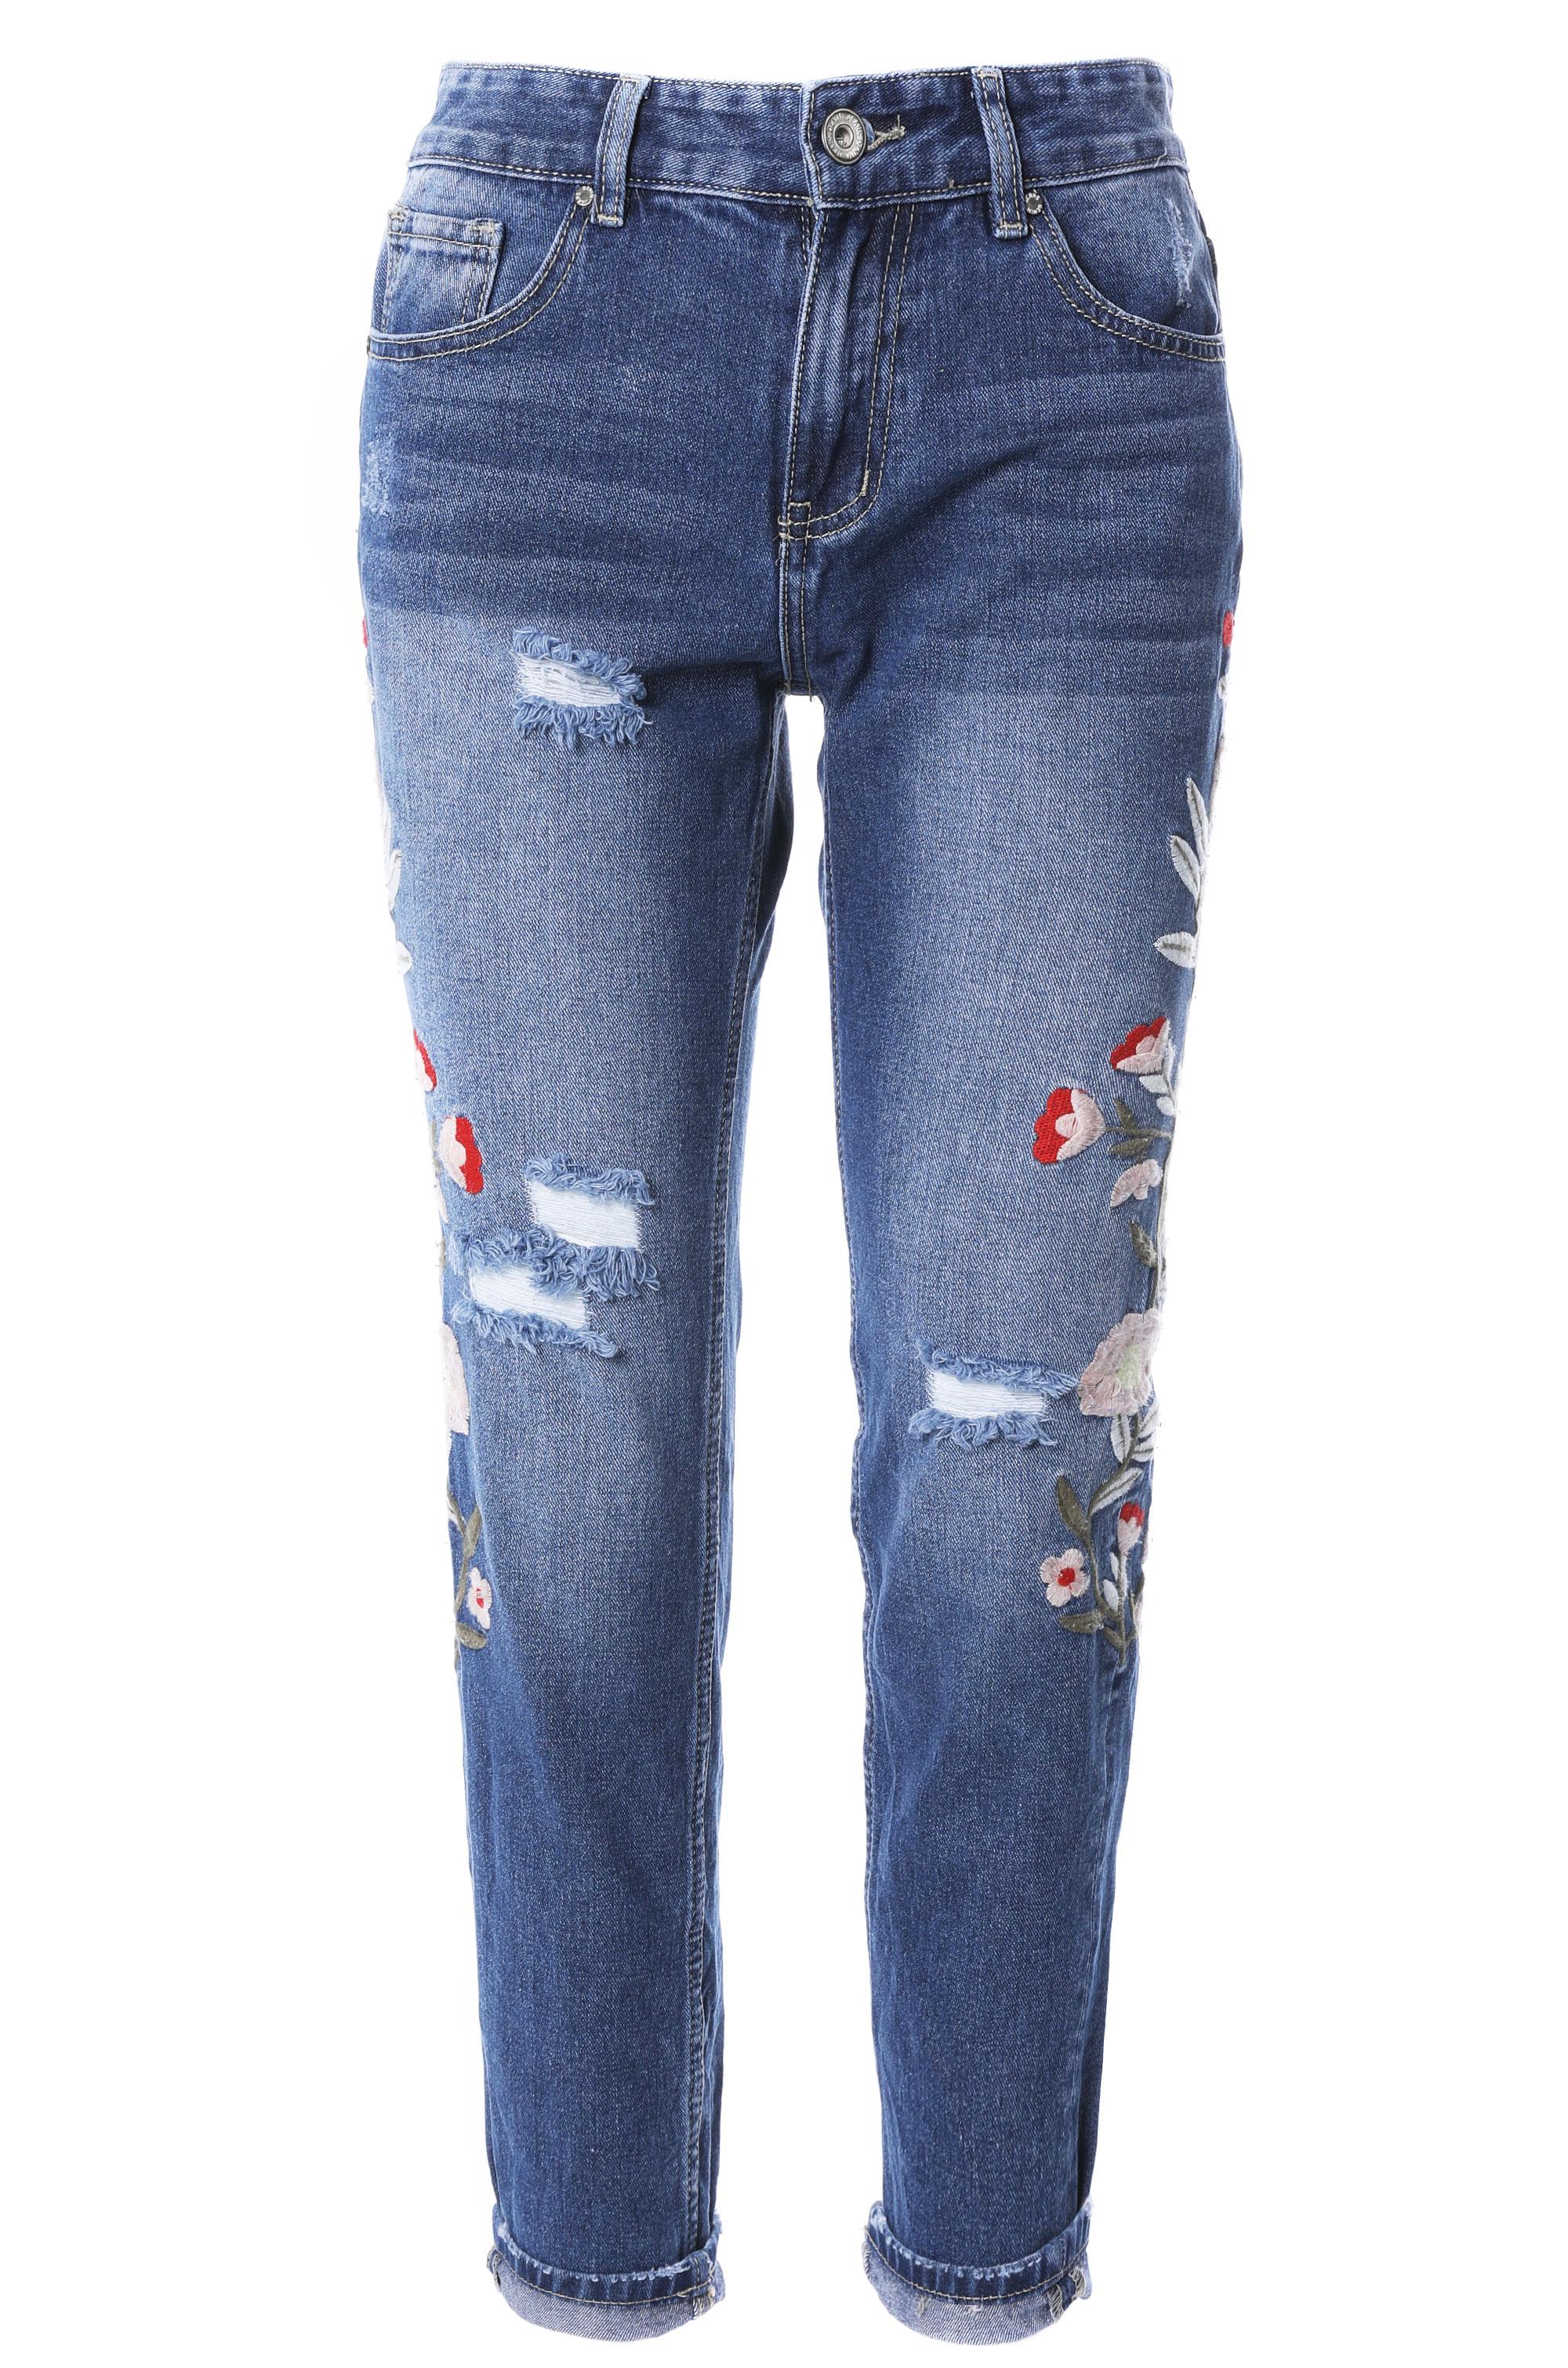 Spodnie - 42-554 JEANS - Unisono